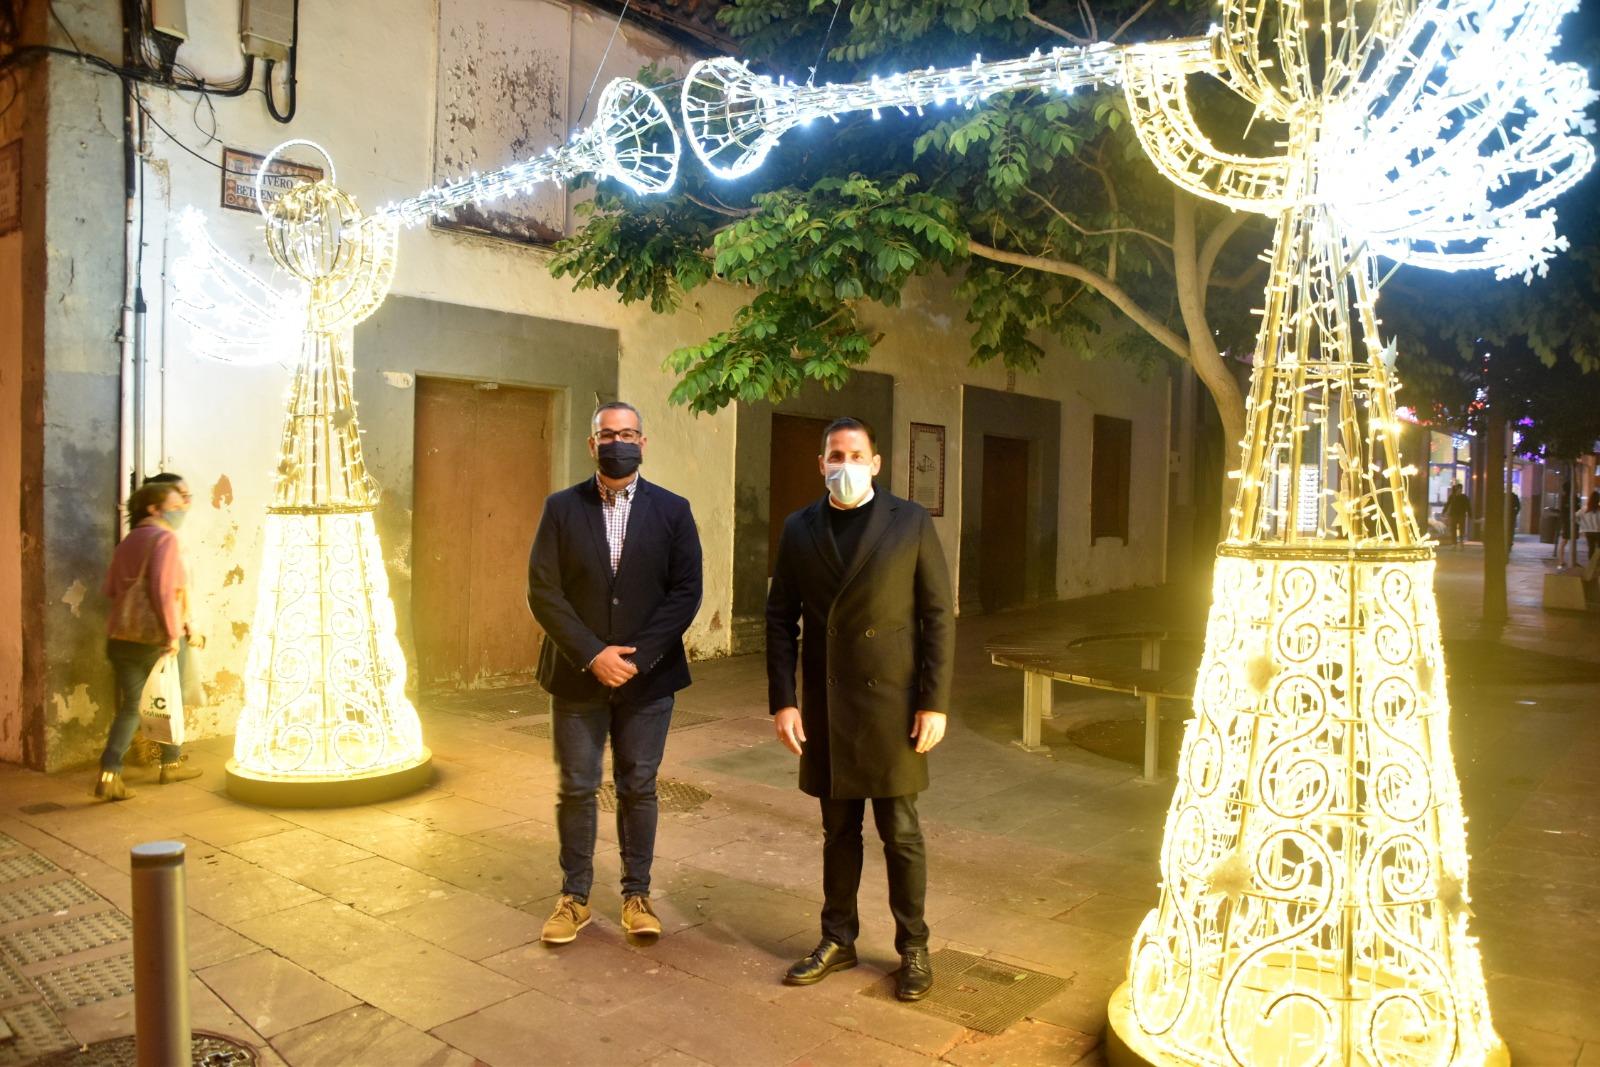 Héctor Suárez y Jonay López. Iluminación navideña de Telde / CanariasNoticias.es